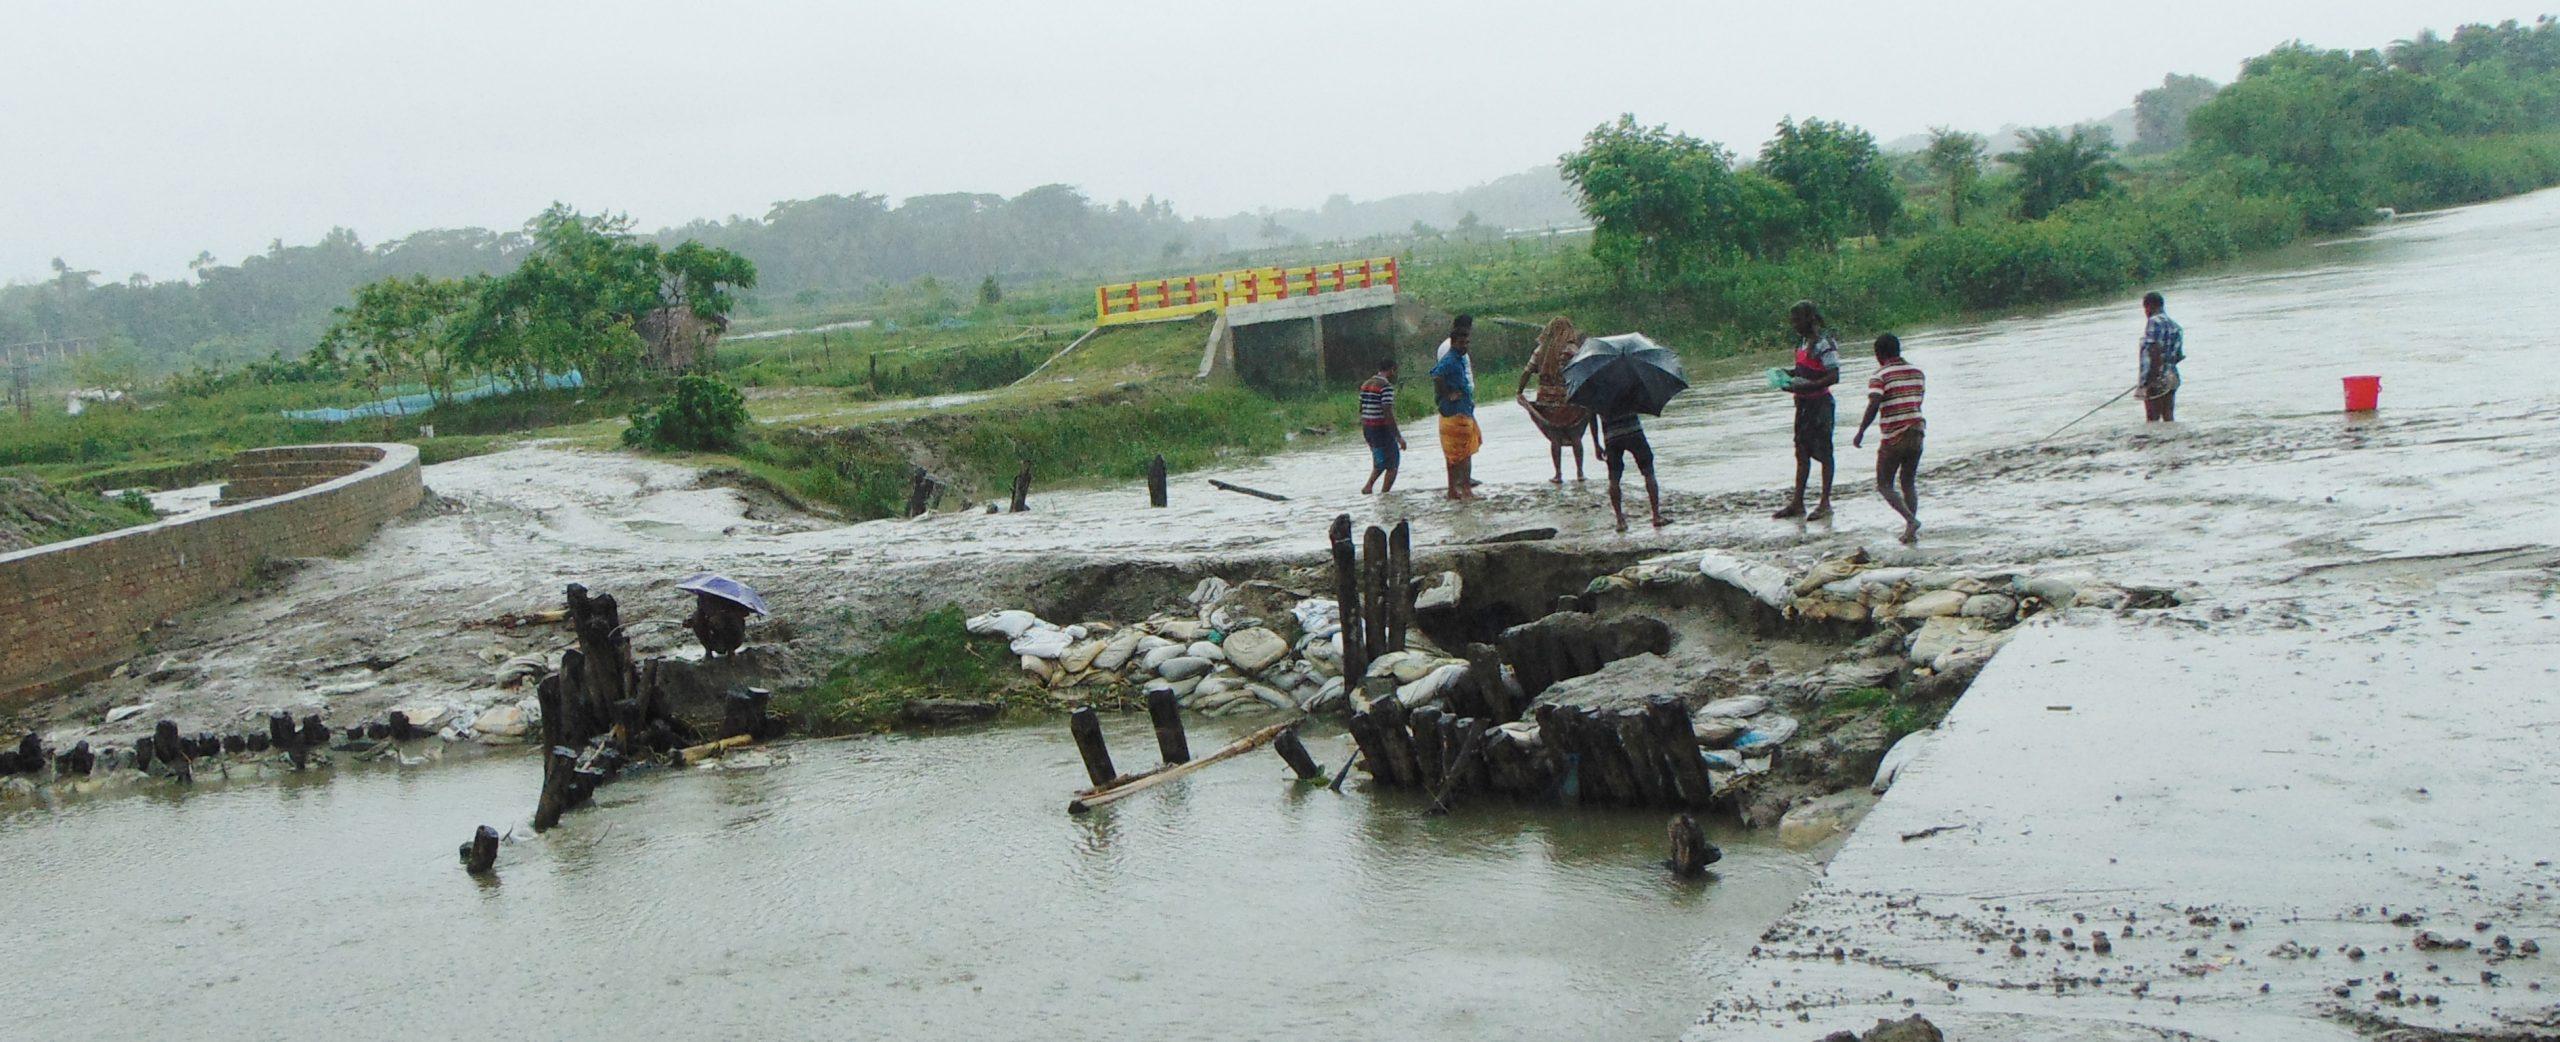 প্রবাহমান নদীতে বাঁধ: ফকিরহাটে ৫০টি গ্রামে স্থায়ী জলাবদ্ধতা